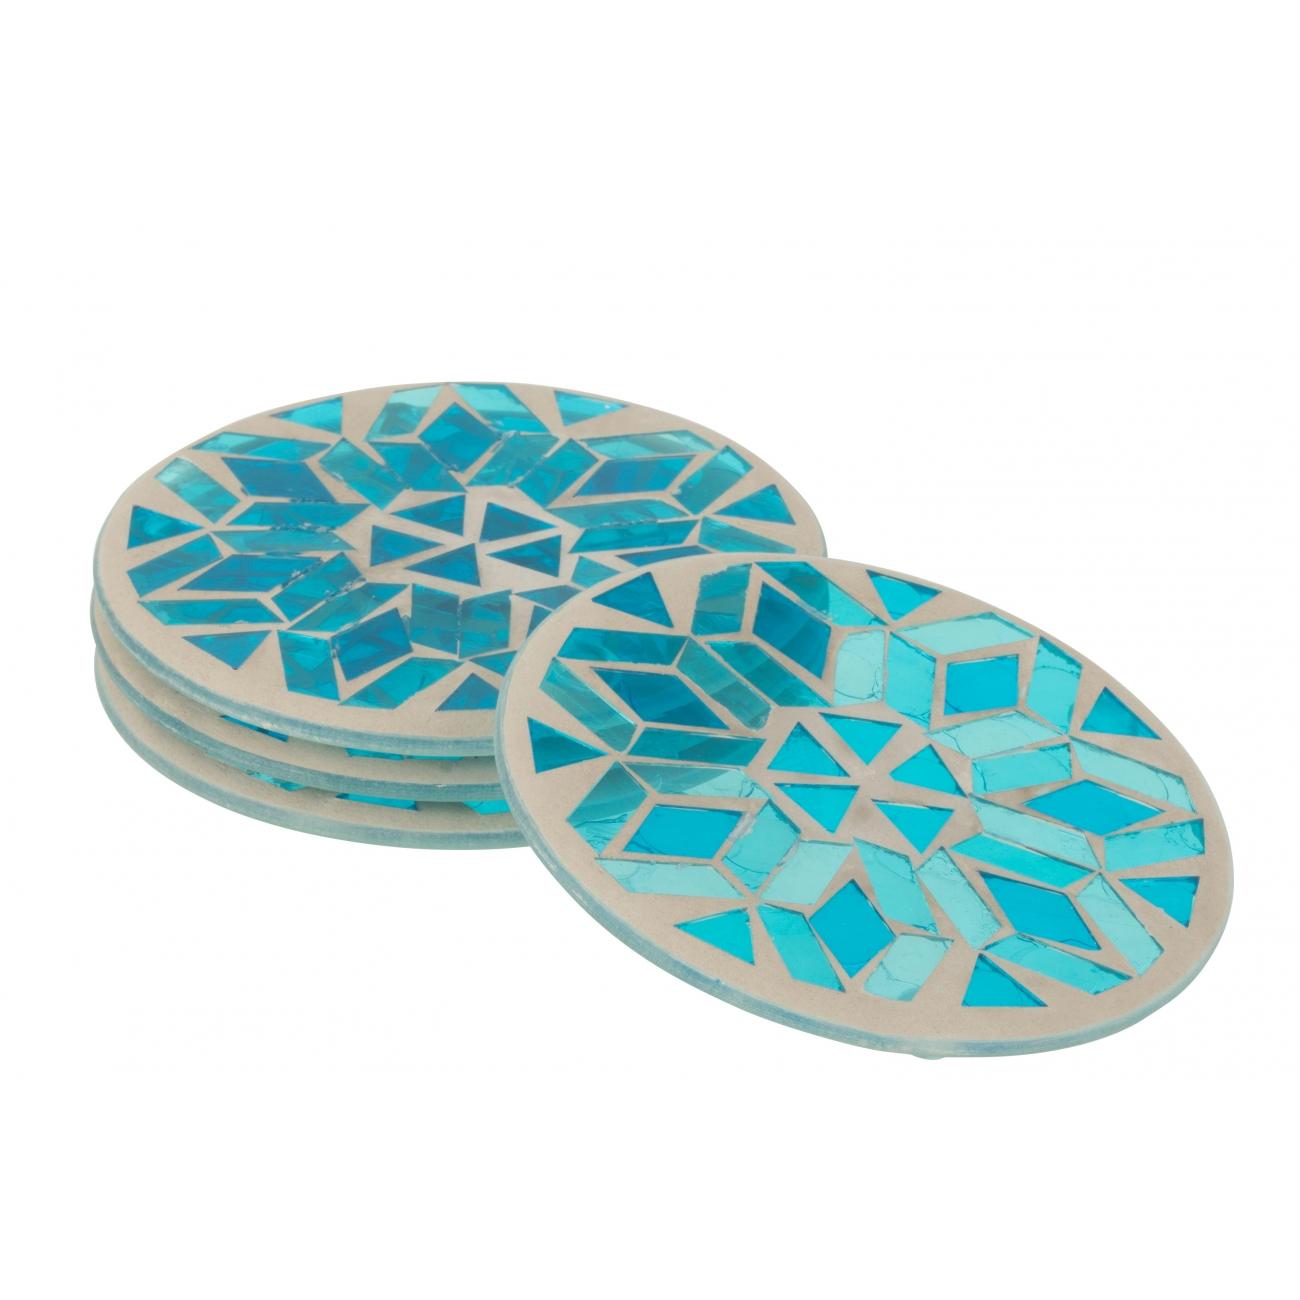 Подставки под чашки J-LINE стеклянная мозаика голубого цвета  набор из 4-х штук Бельгия